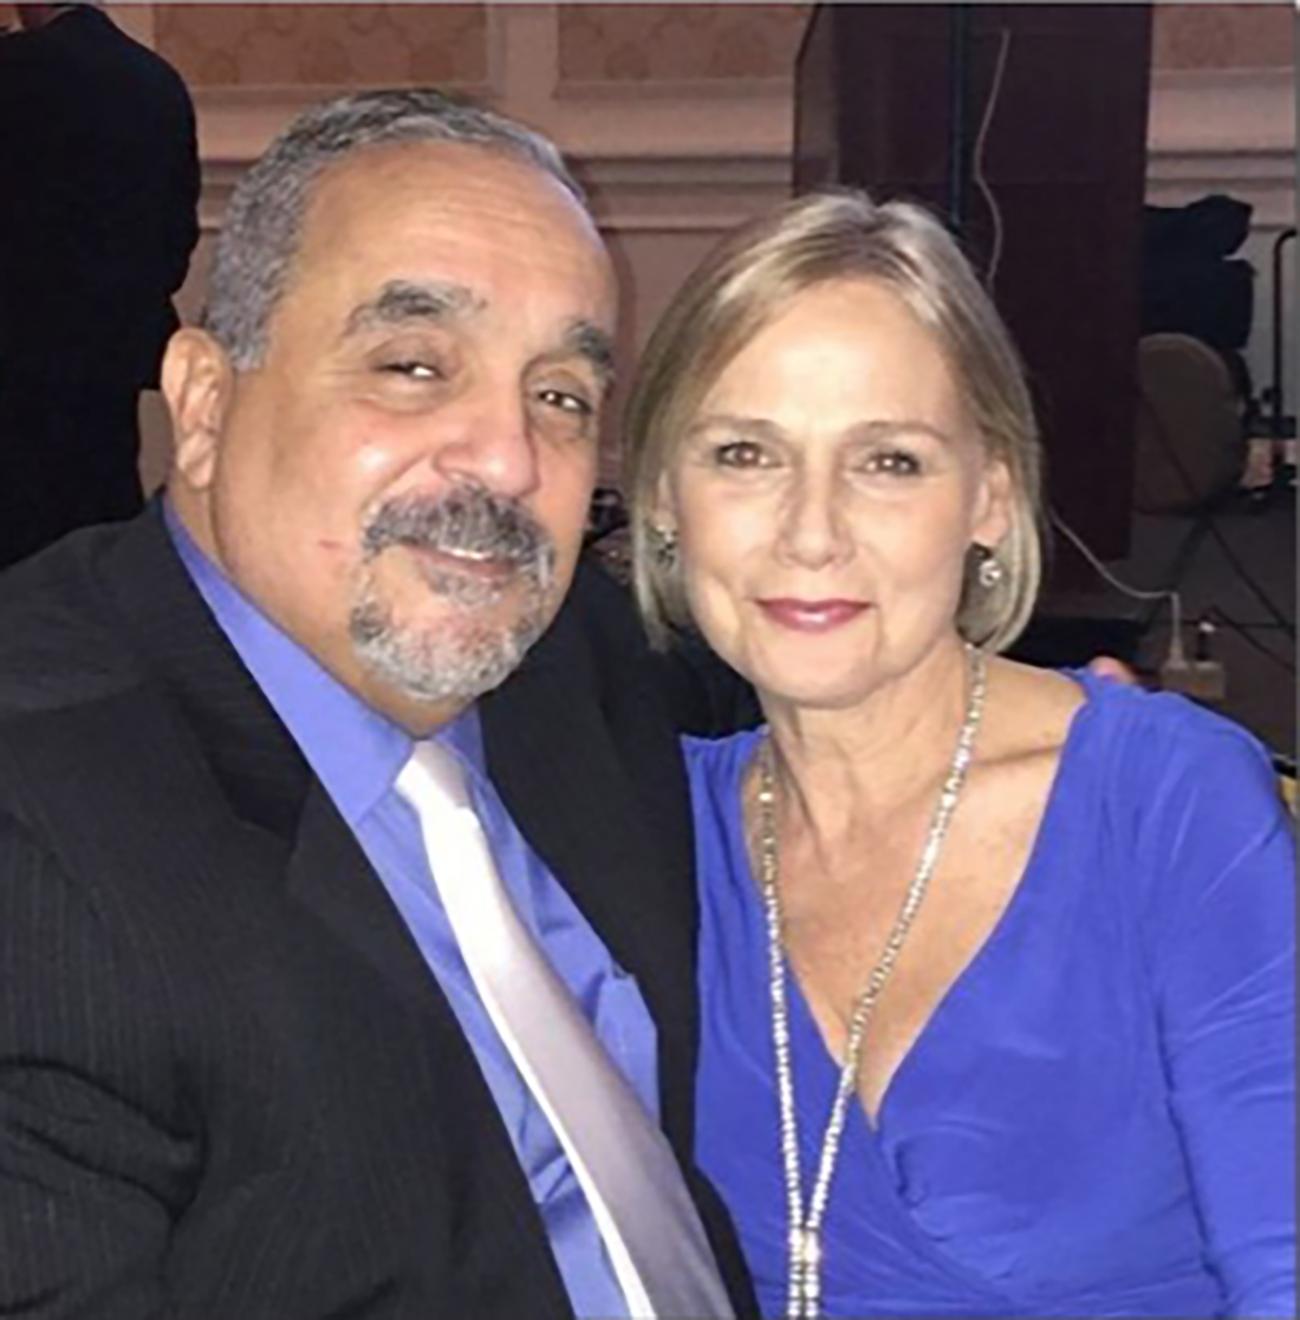 Wilie Colon y esposa